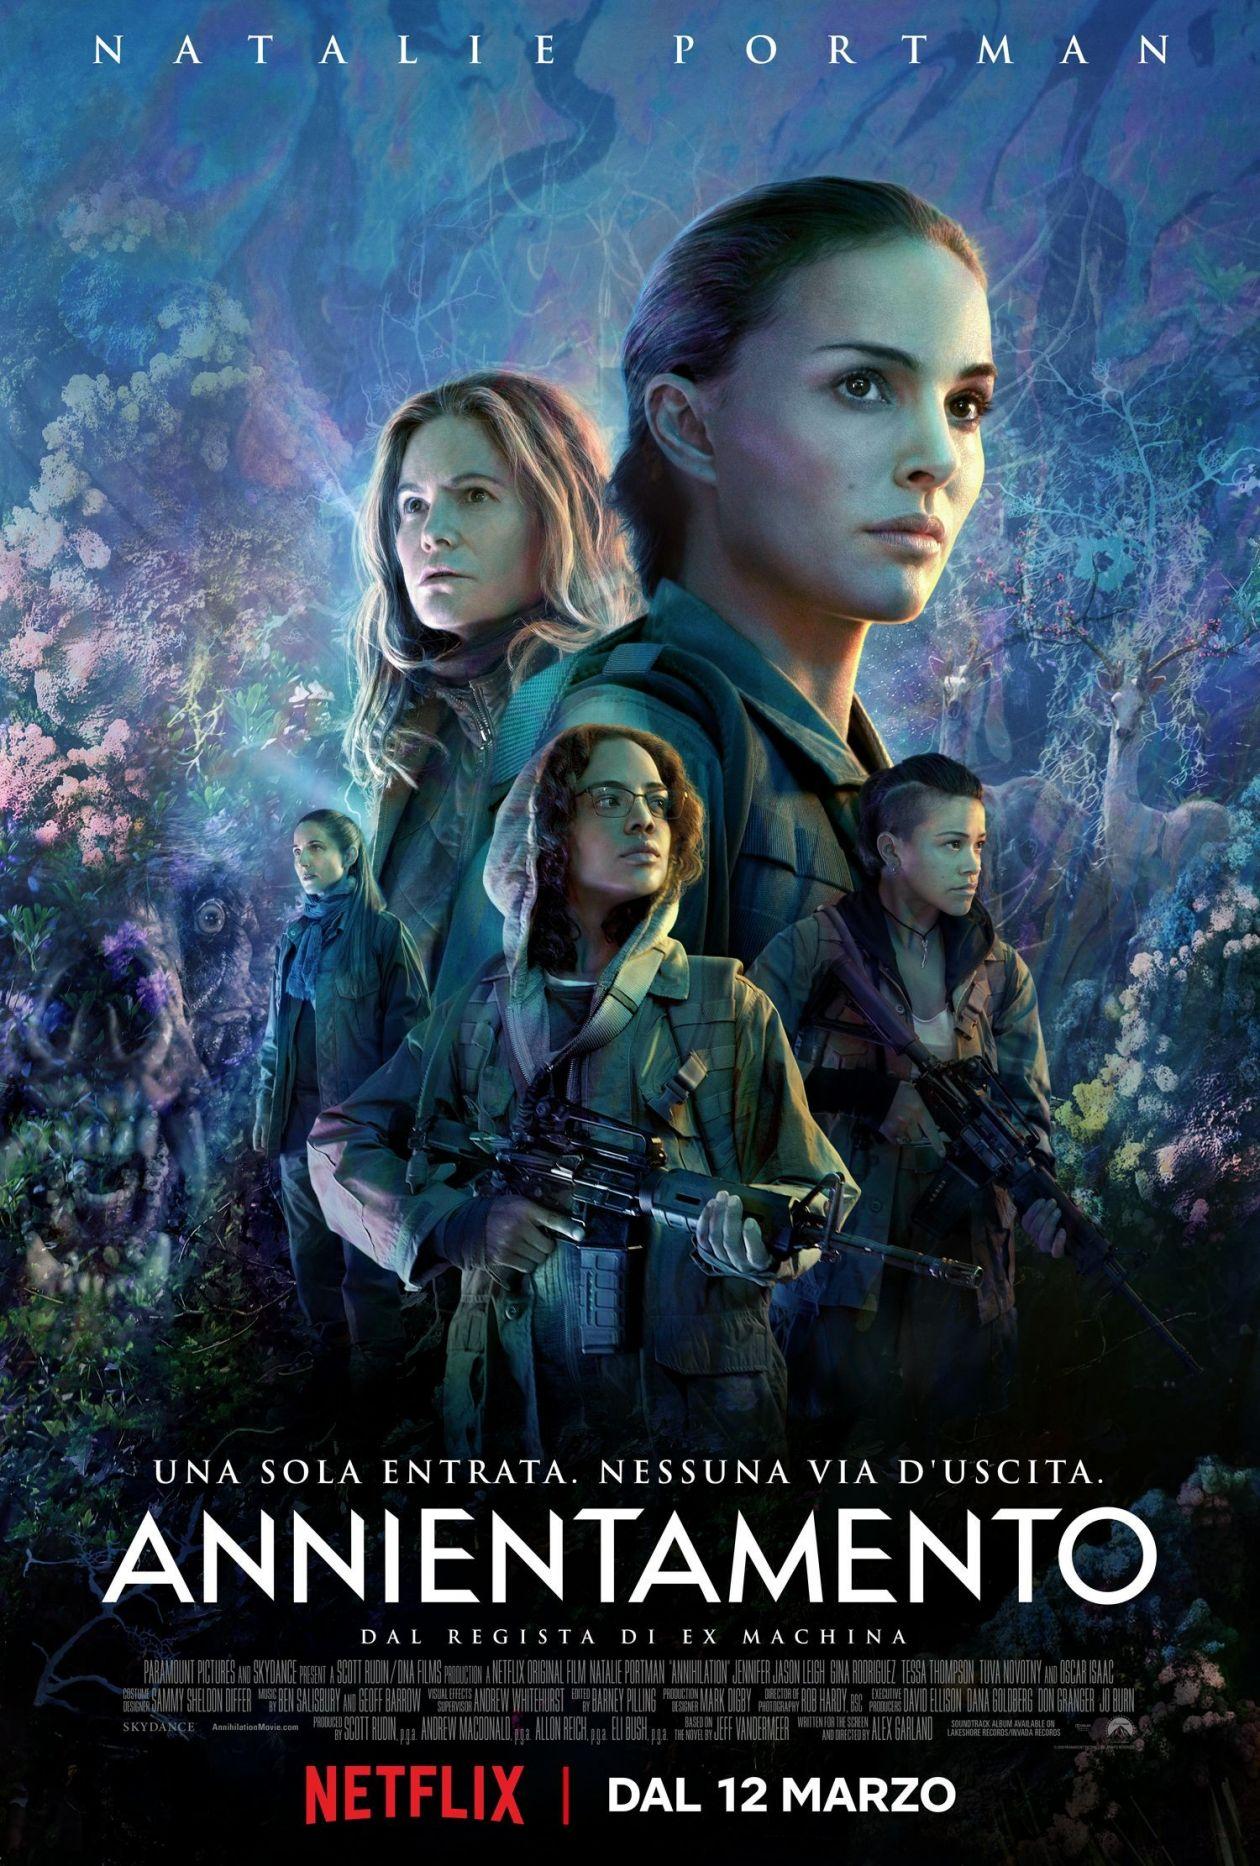 NETFLIX / Natalie Portman / Annihilation / Alex Garland 2018 / Movie Poster / Affiche film